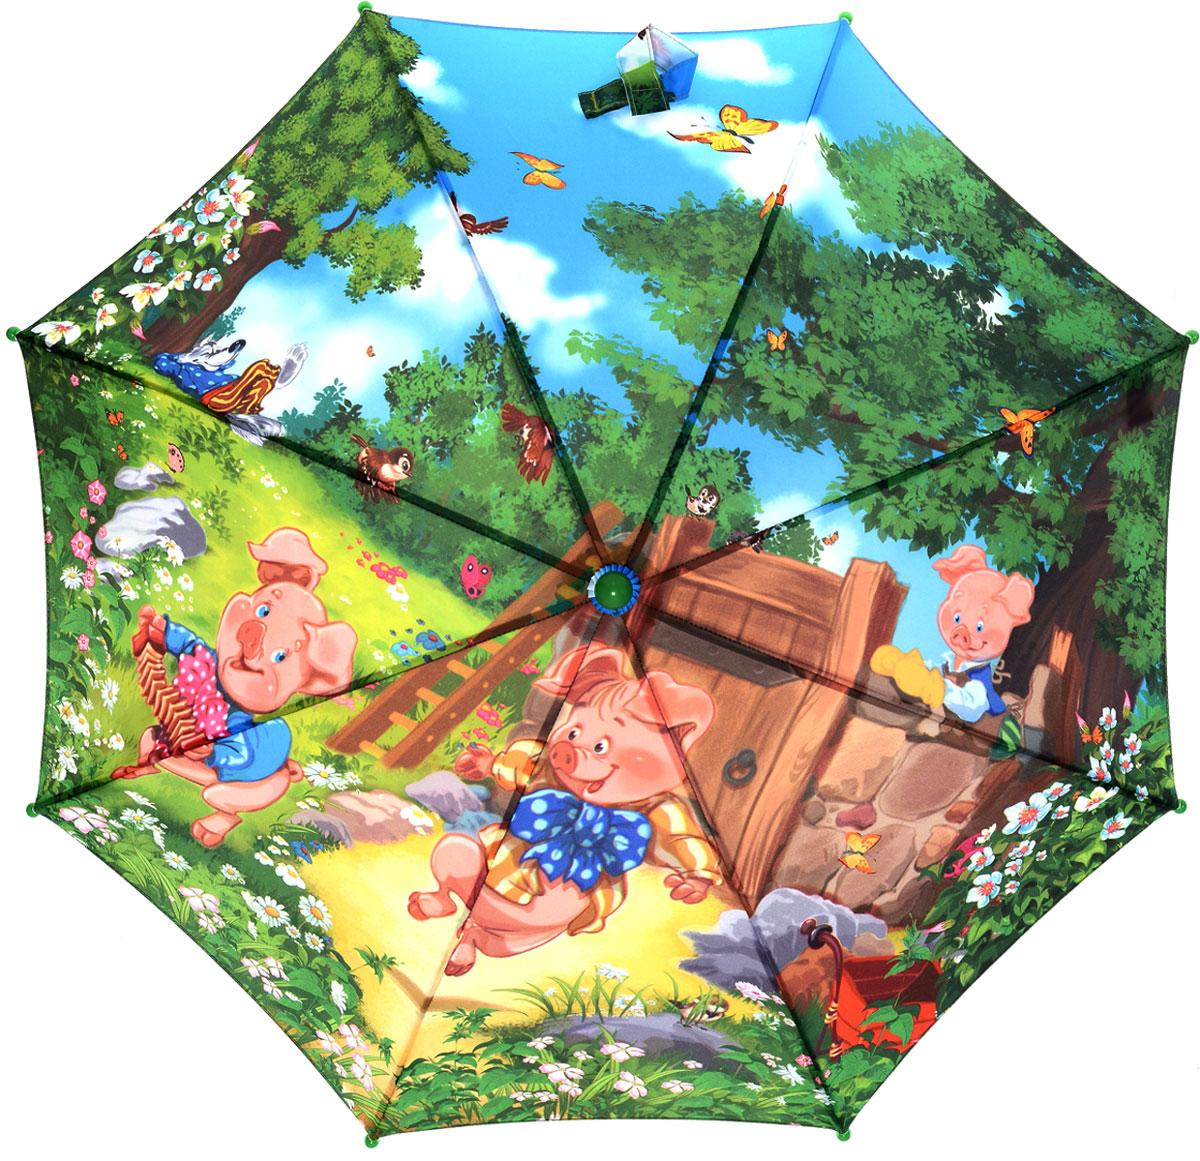 Зонт детский Zest, цвет: зеленый, розовый. 21665-0521665-05Красочный детский зонт ZEST выполнен из стали и полиэстера, обработанного водоотталкивающей пропиткой. Зонт оформлен принтом с рисунками из известнейших сказок. Зонт оснащен полуавтоматическим механизмом. Ручка пластиковая разработана с учетом требований эргономики. К зонту прилагается чехол. Детский зонт ZEST защитит от дождя и подарит улыбку вашему малышу.